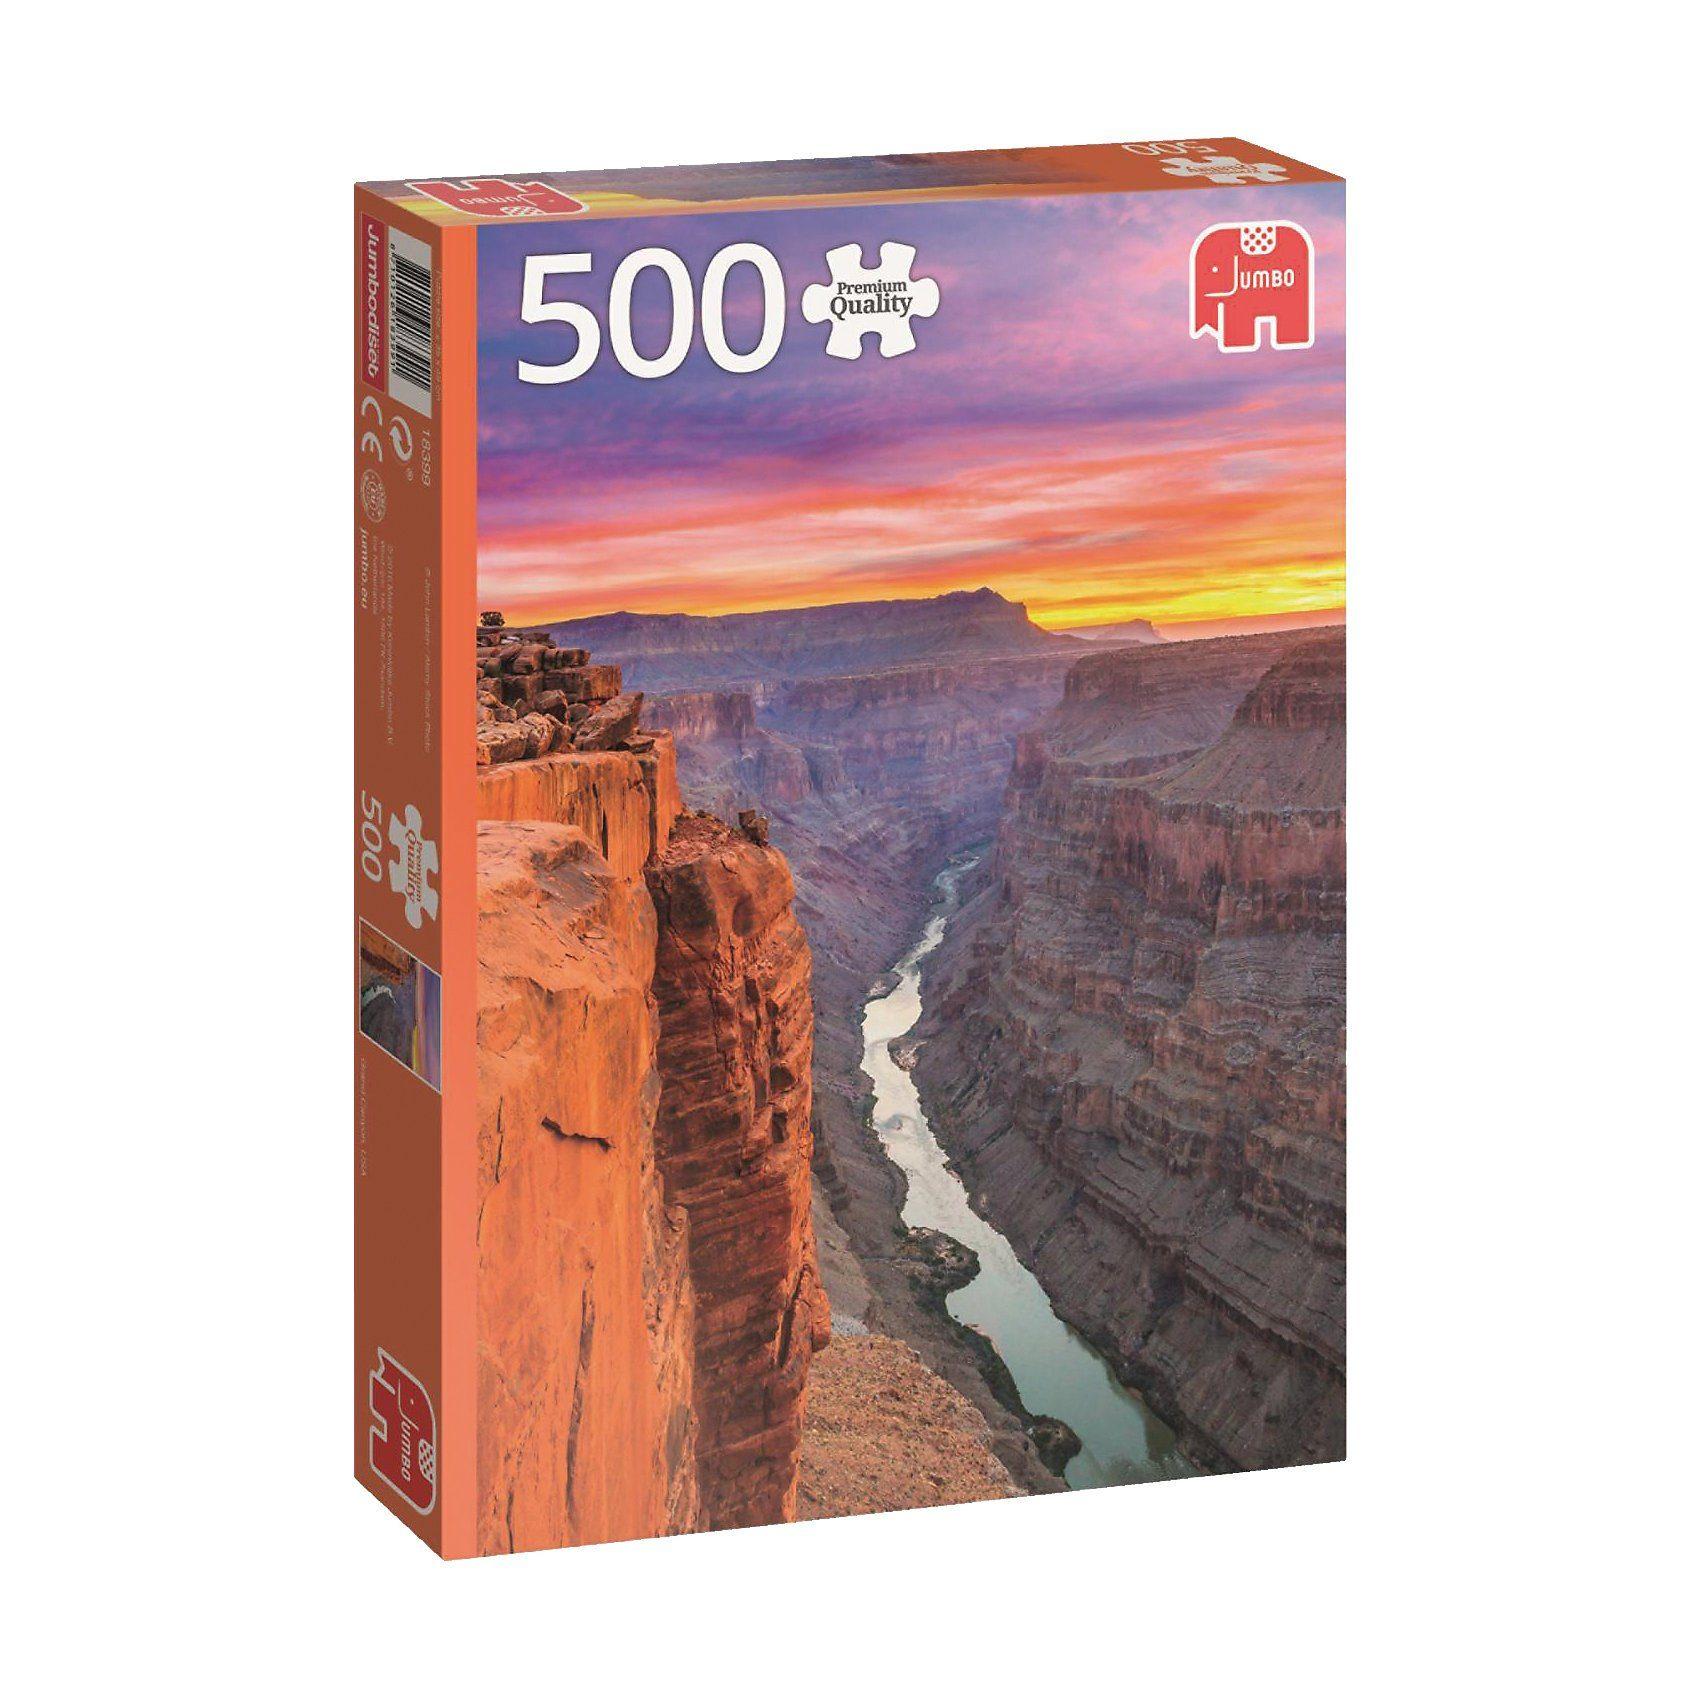 Jumbo Puzzle 500 Teile - Grand Canyon, USA